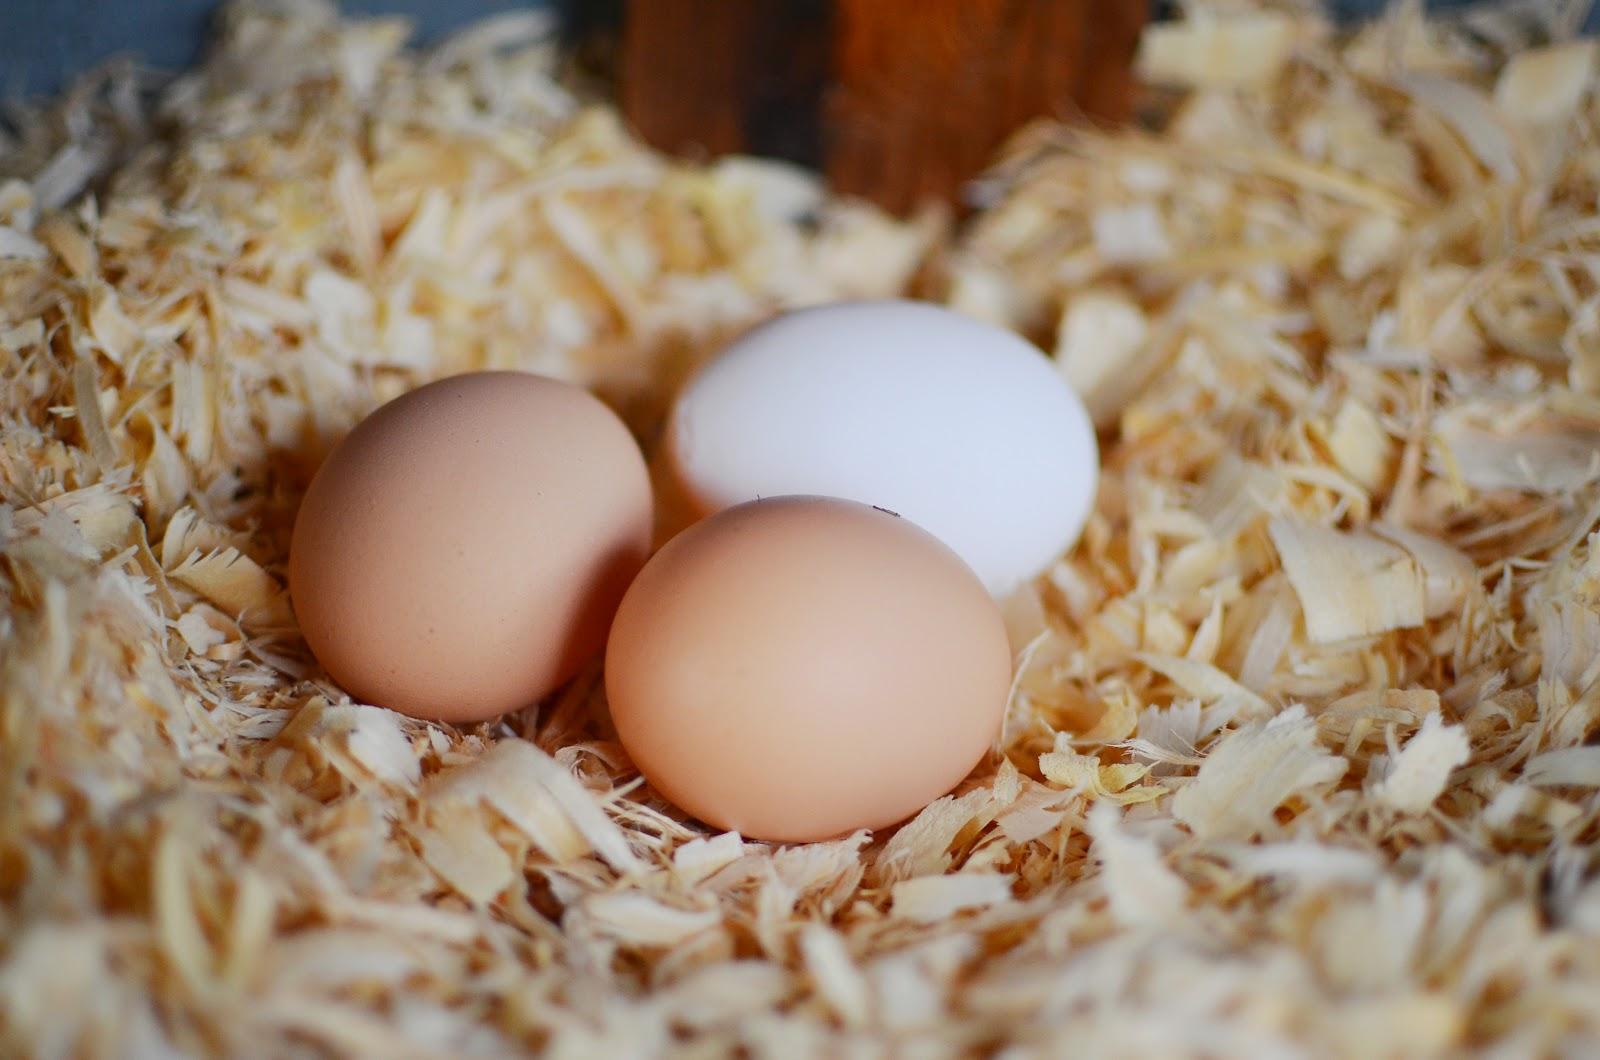 Куры Геркулес - мясо-яичный кросс. Описание, характеристики, выращивание, правила кормления, инкубация